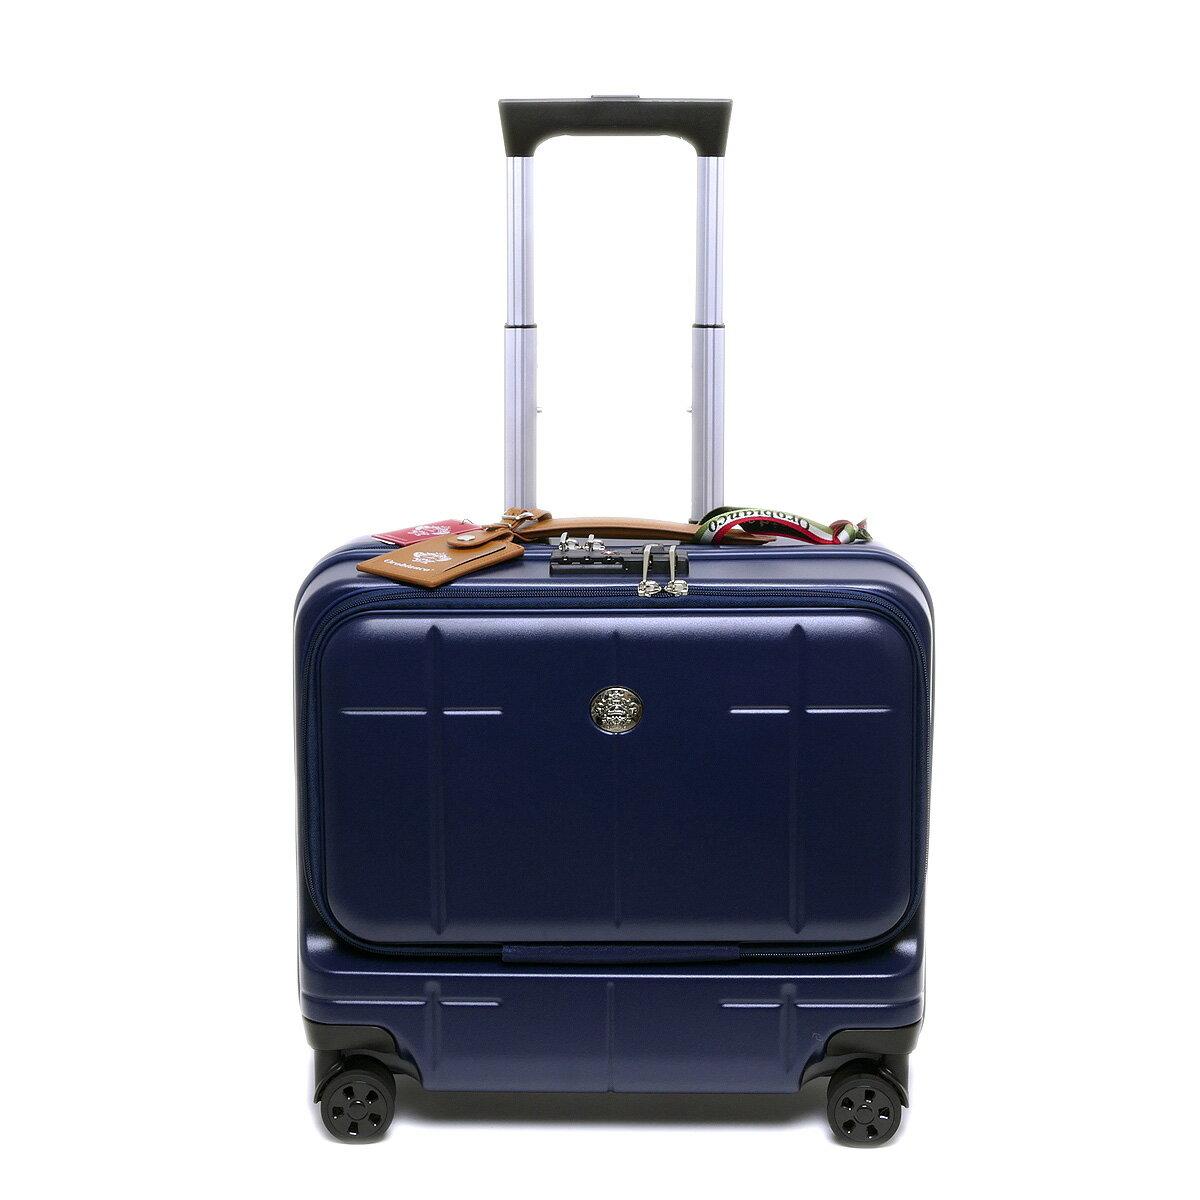 【国内正規品】オロビアンコ スーツケース ARZILLO アルズィーロ 横型 ネイビー OROBIANCO